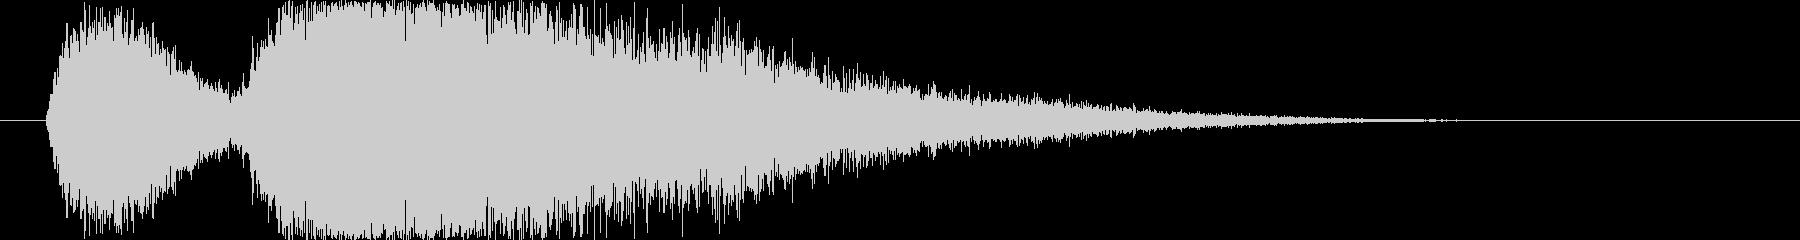 風魔法の音(突風を起こすイメージ)の未再生の波形